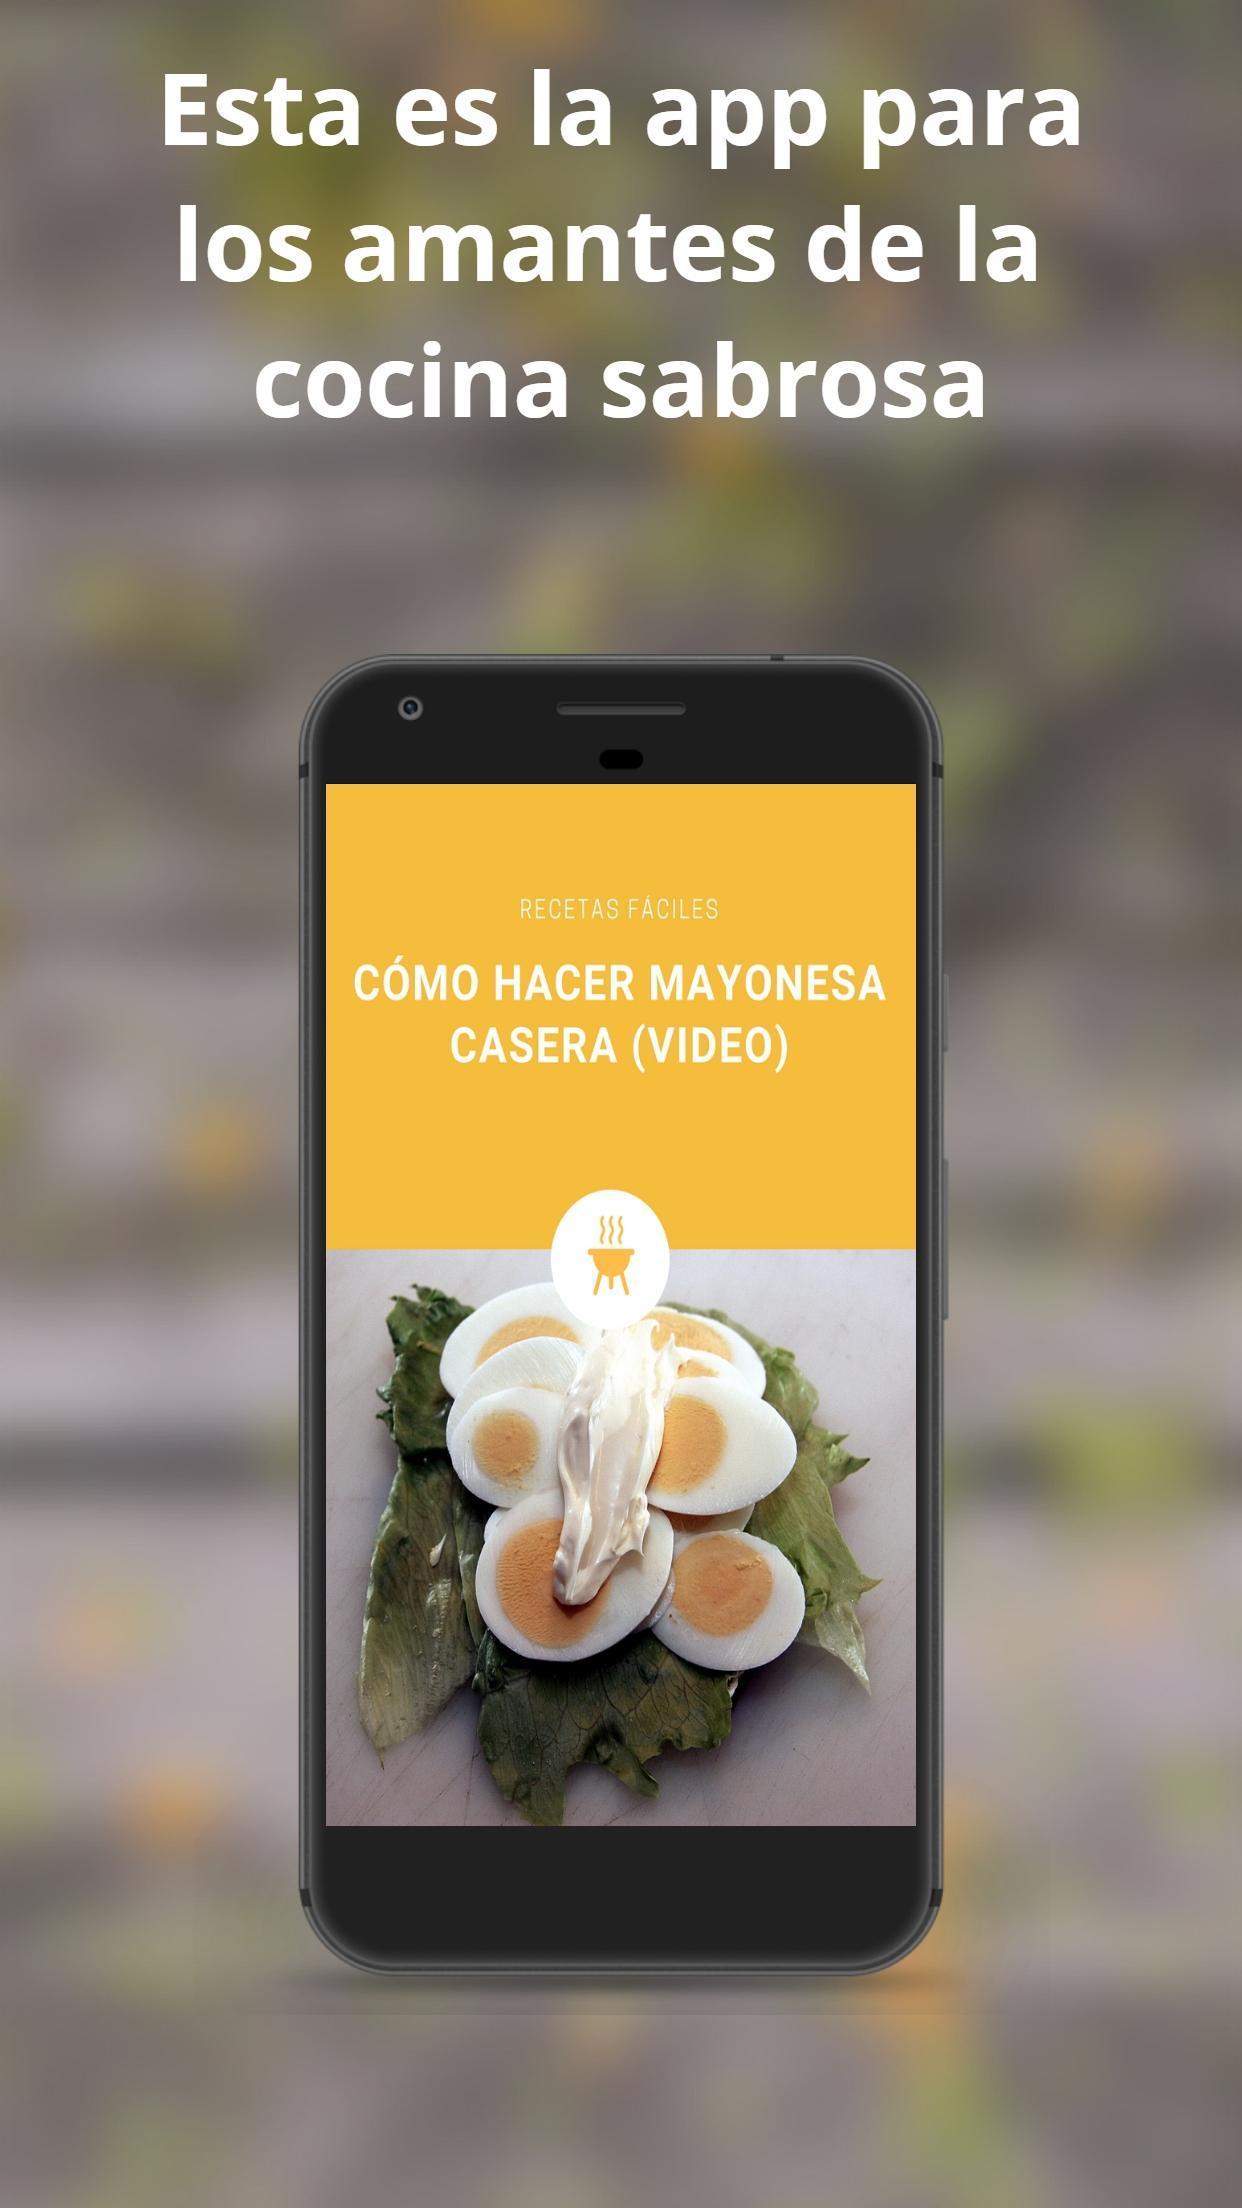 Recetas De Cocina Casera Fáciles Y Gratis For